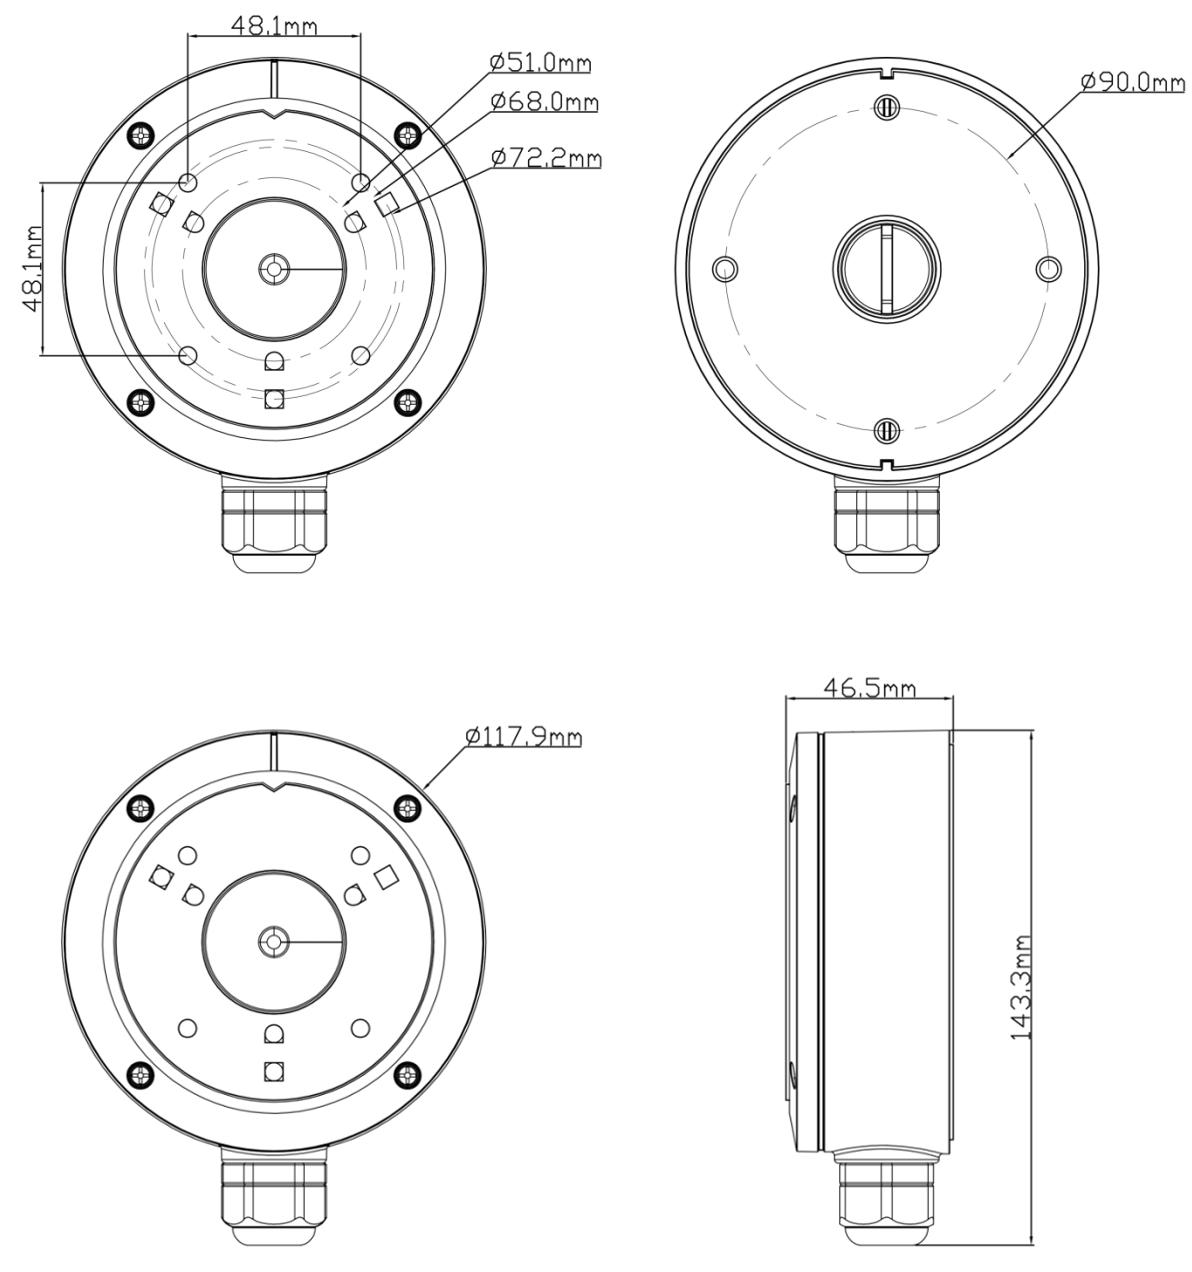 JB-105 - Wymiary uchwytu podane w mm.